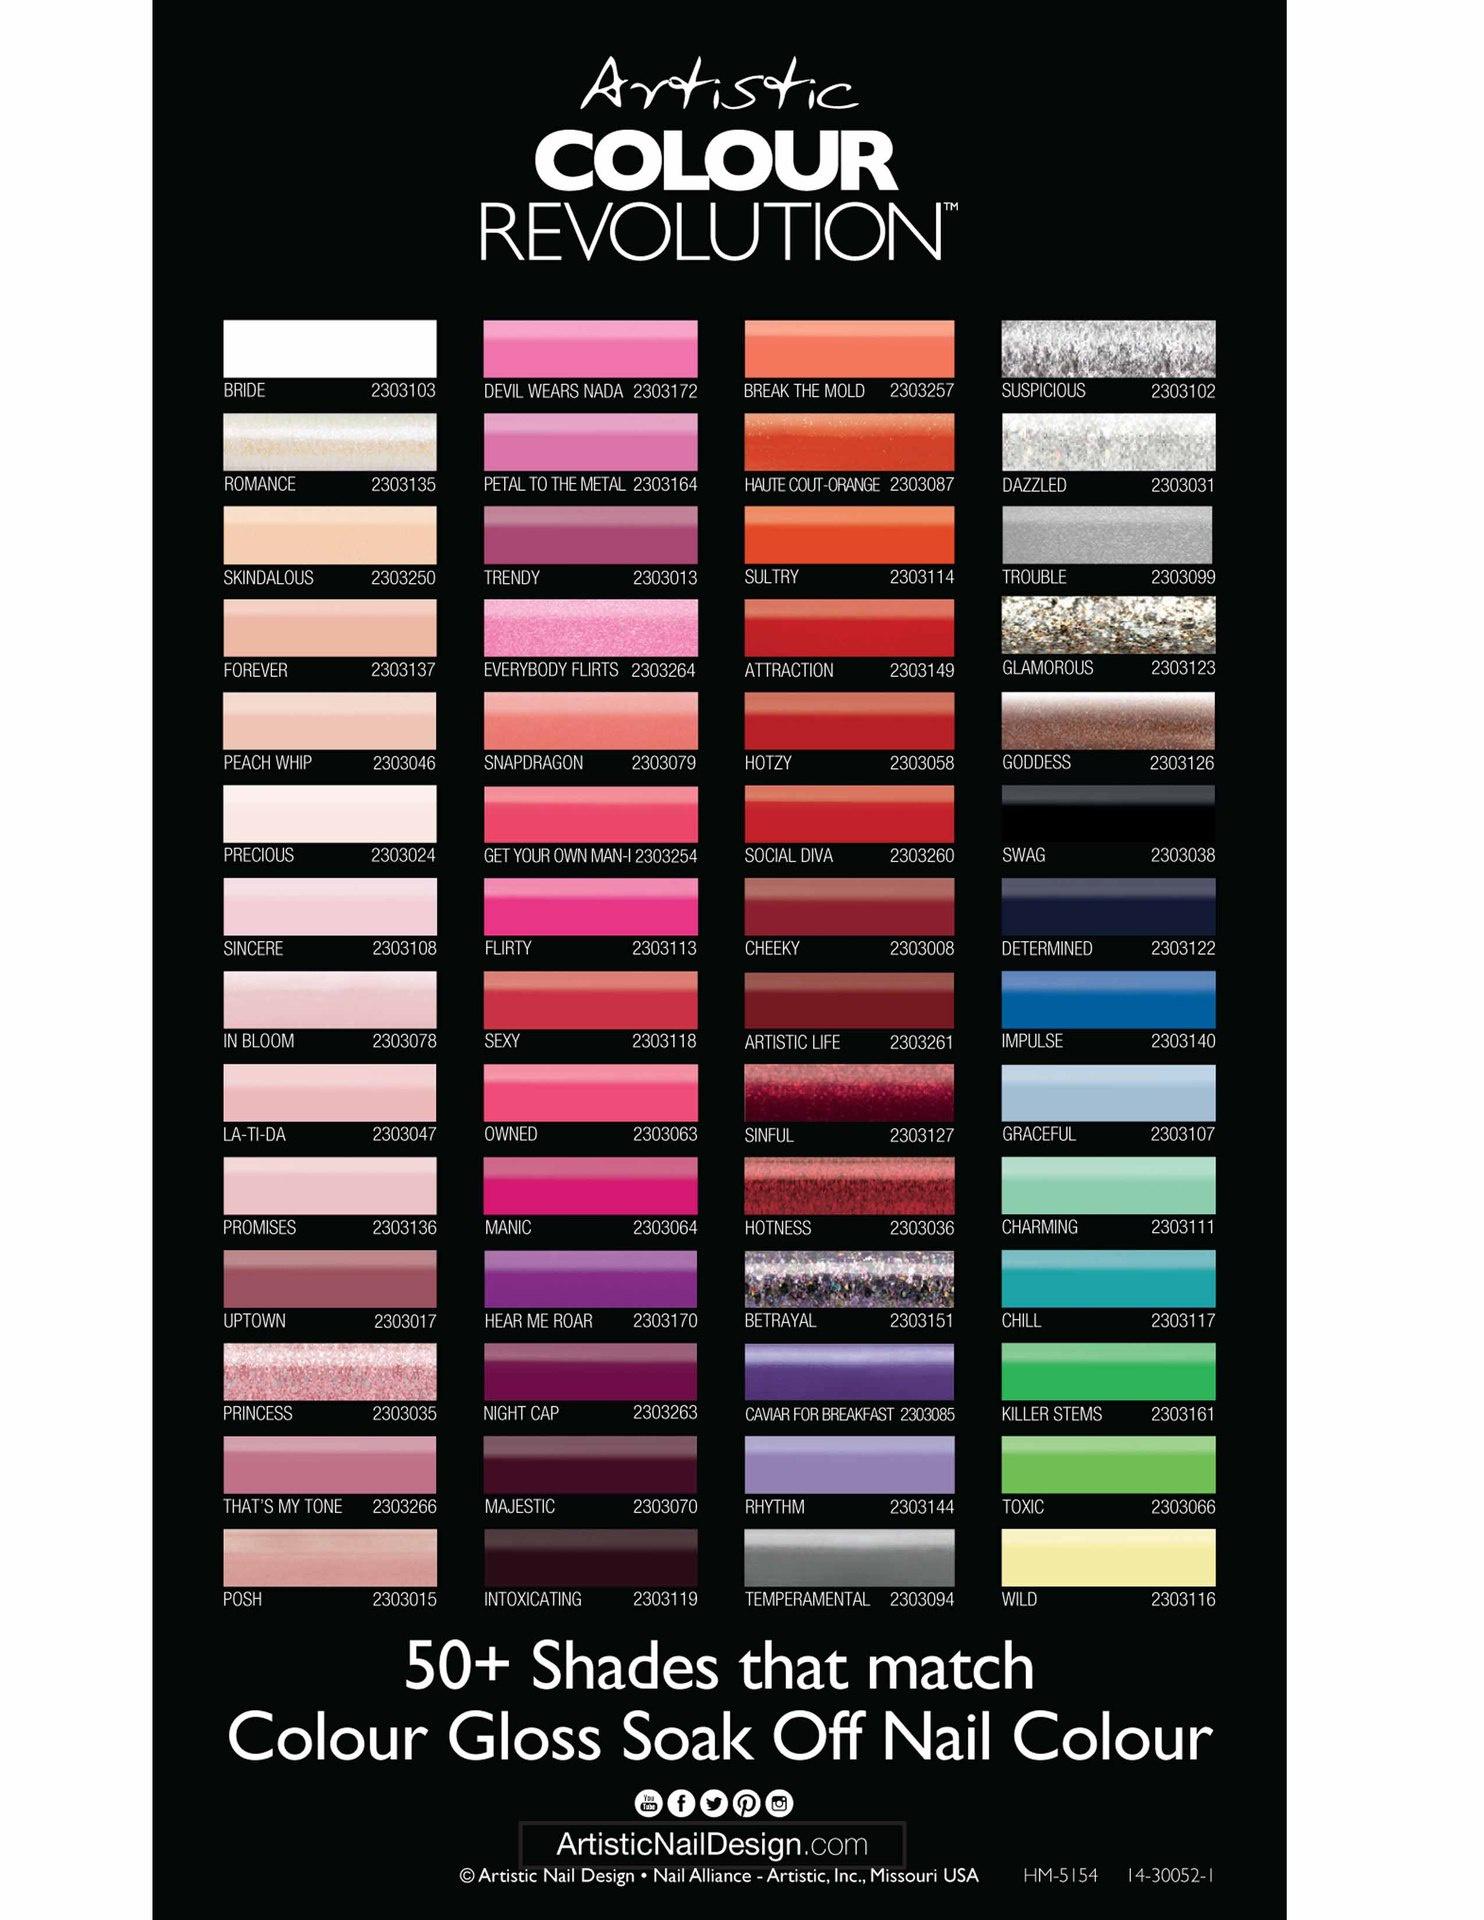 Artistic Nail Design - Profile Salon Supplies Profile Salon Supplies